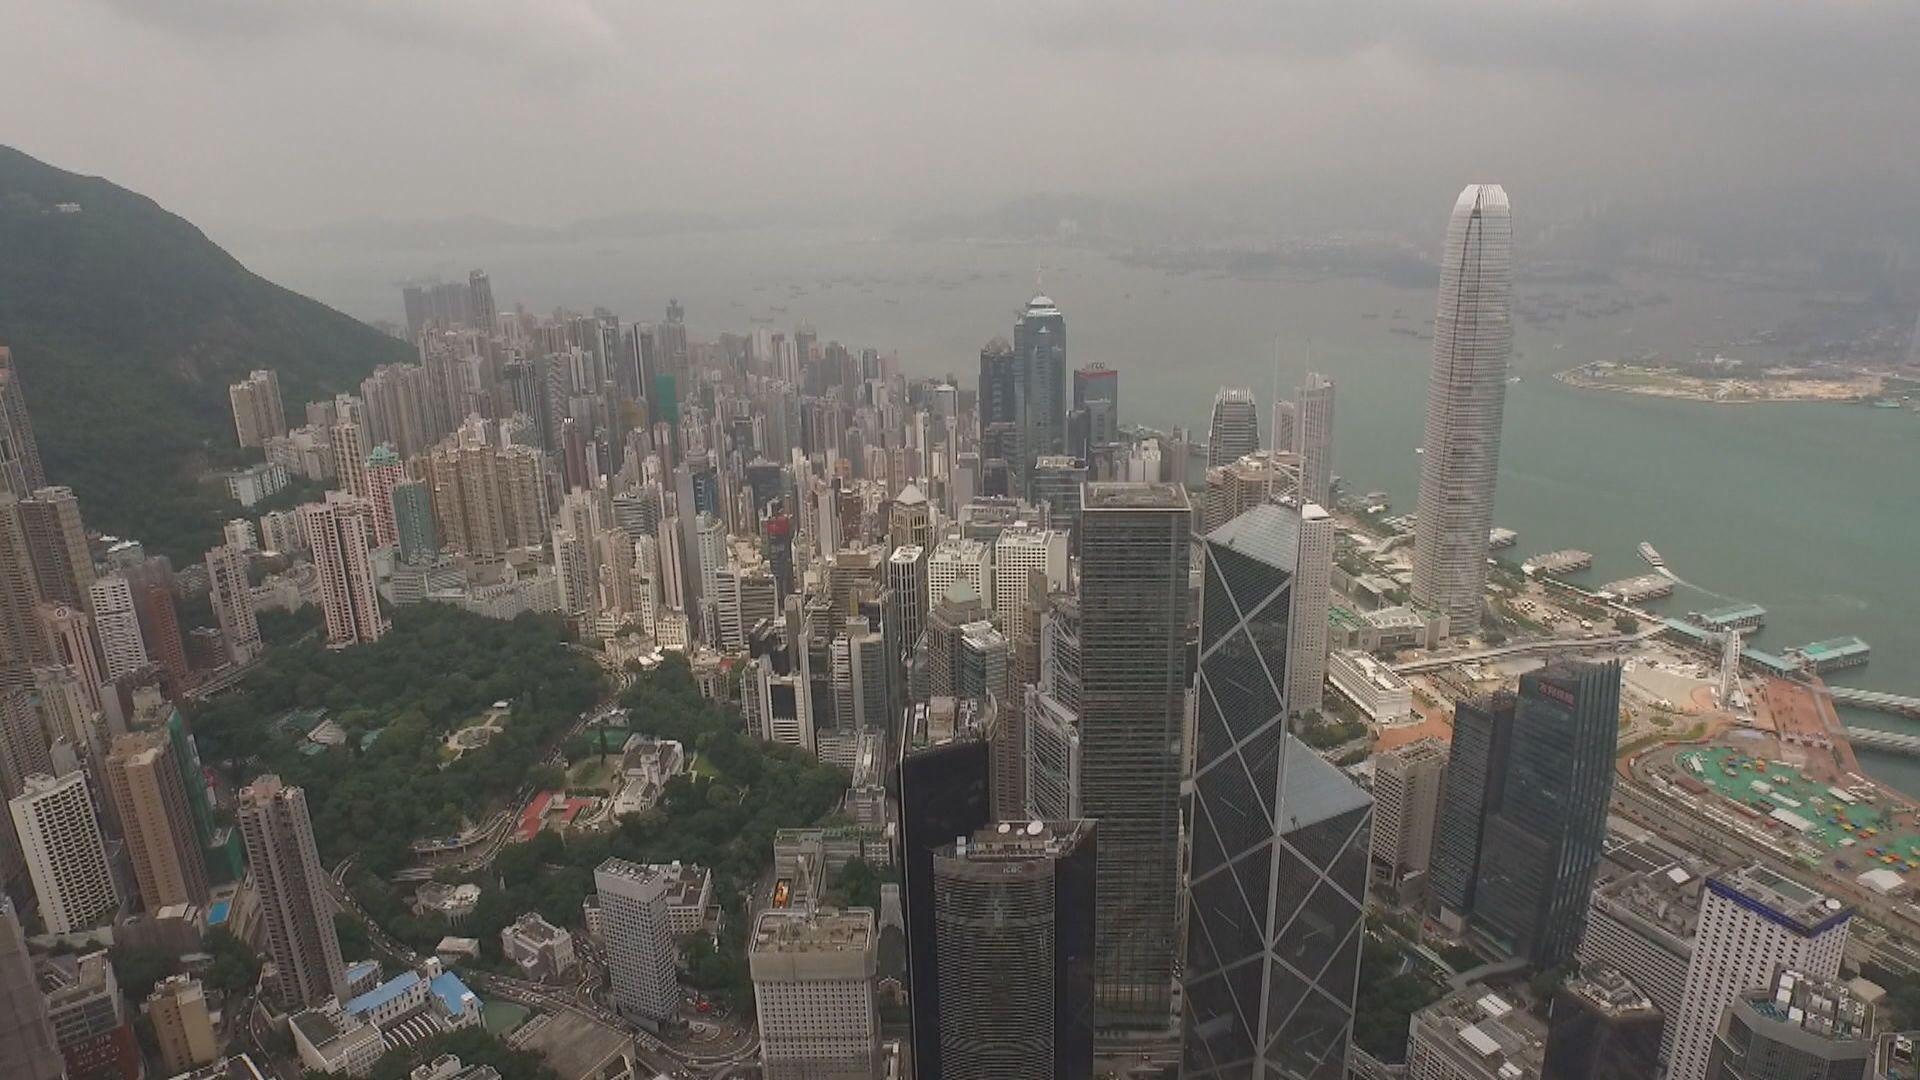 【即日焦點】香港連續十年為全球樓價最難負擔城市 不吃不喝近21年方能買樓;南韓樂天創辦人辛格浩病逝 晚年入獄突顯家族企業貪污問題